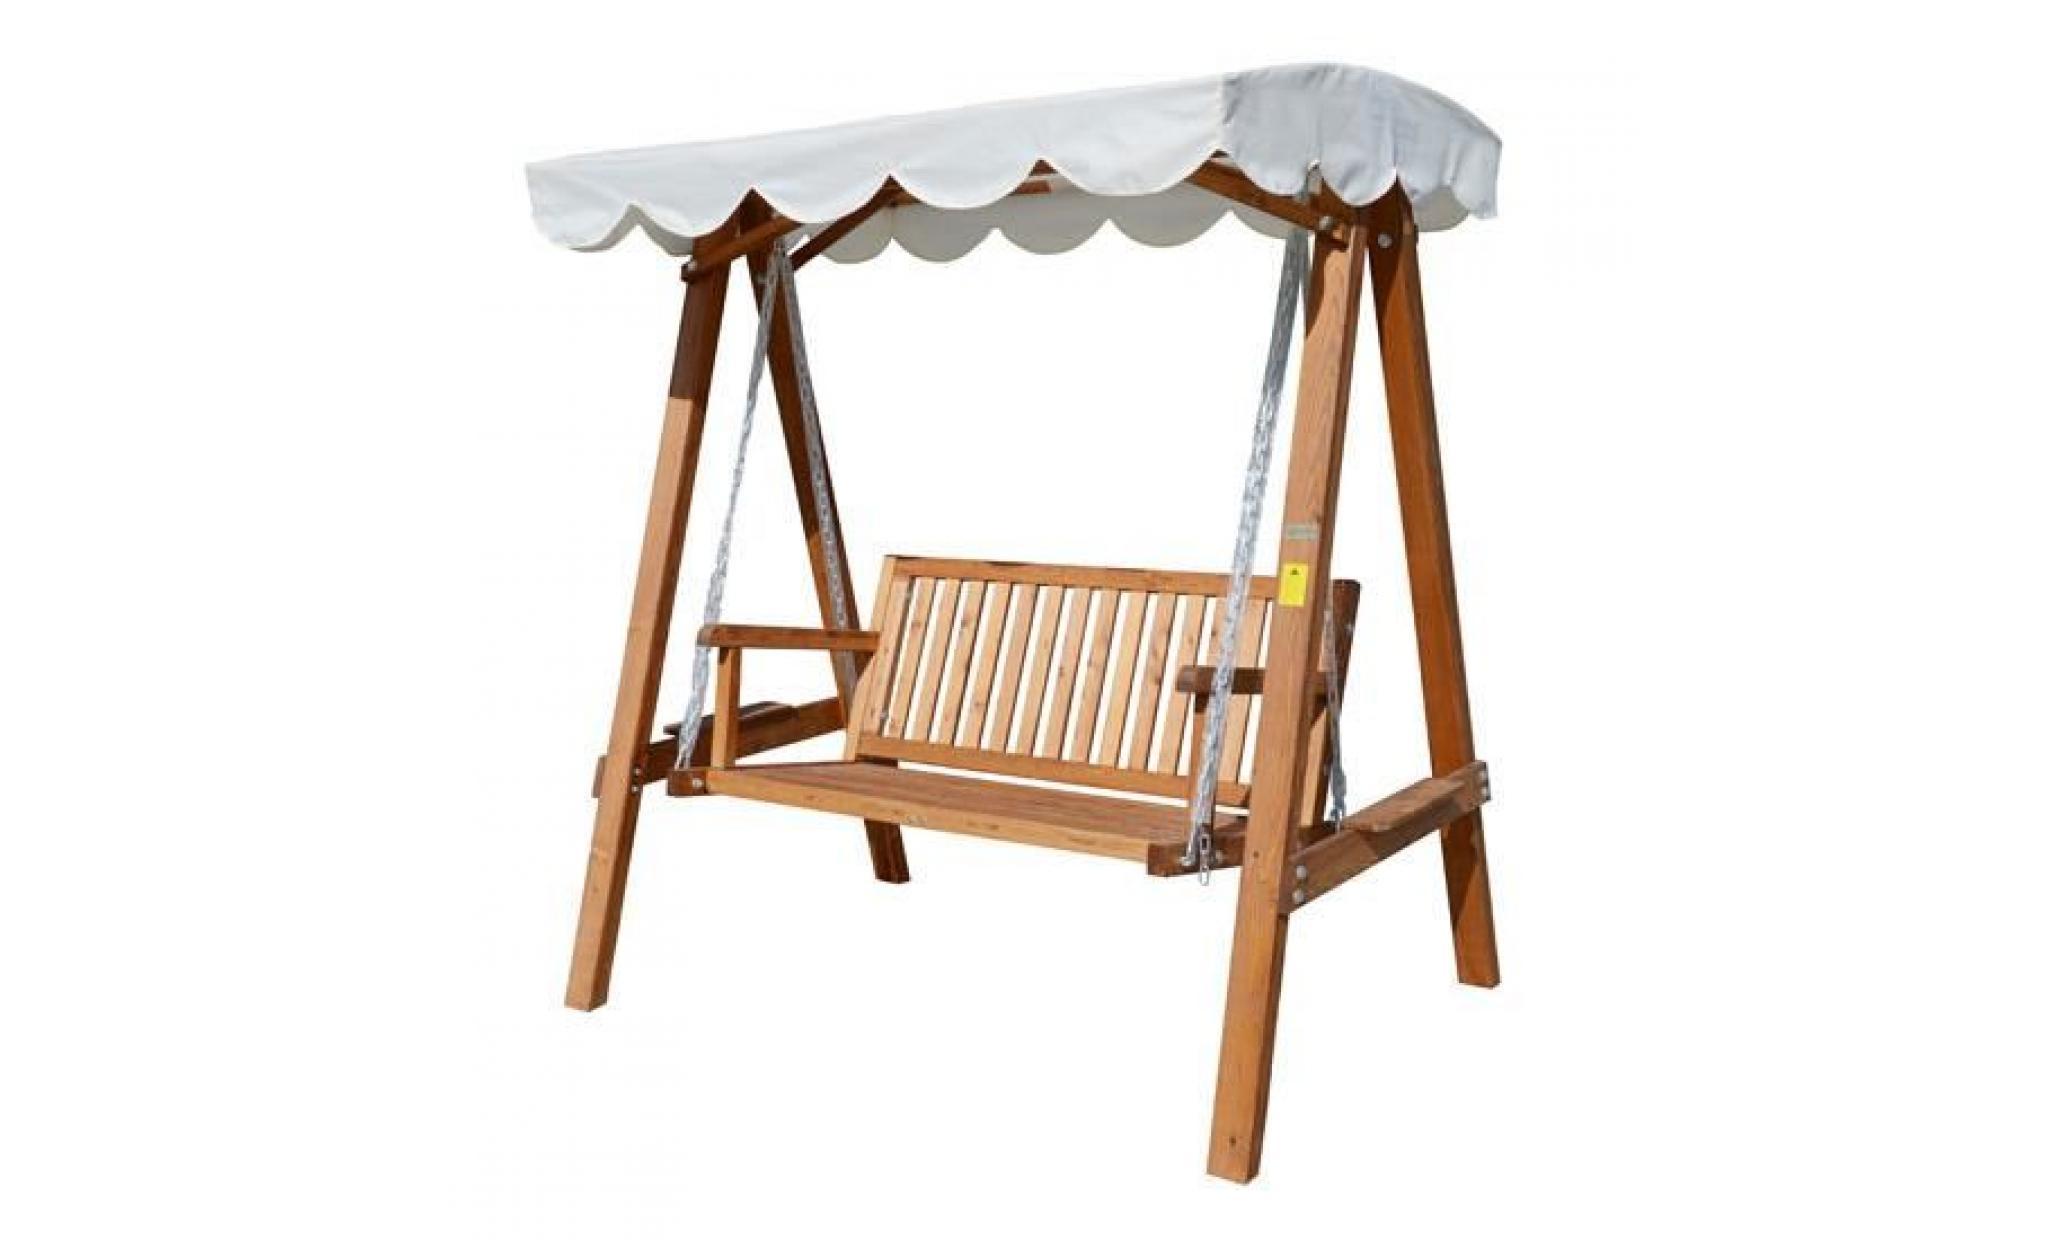 Balancelle Balançoire Hamac Banc Fauteuil De Jardin En Bois De Pin 3 Places  Charge Max. 360Kg encequiconcerne Balancelle De Jardin En Bois